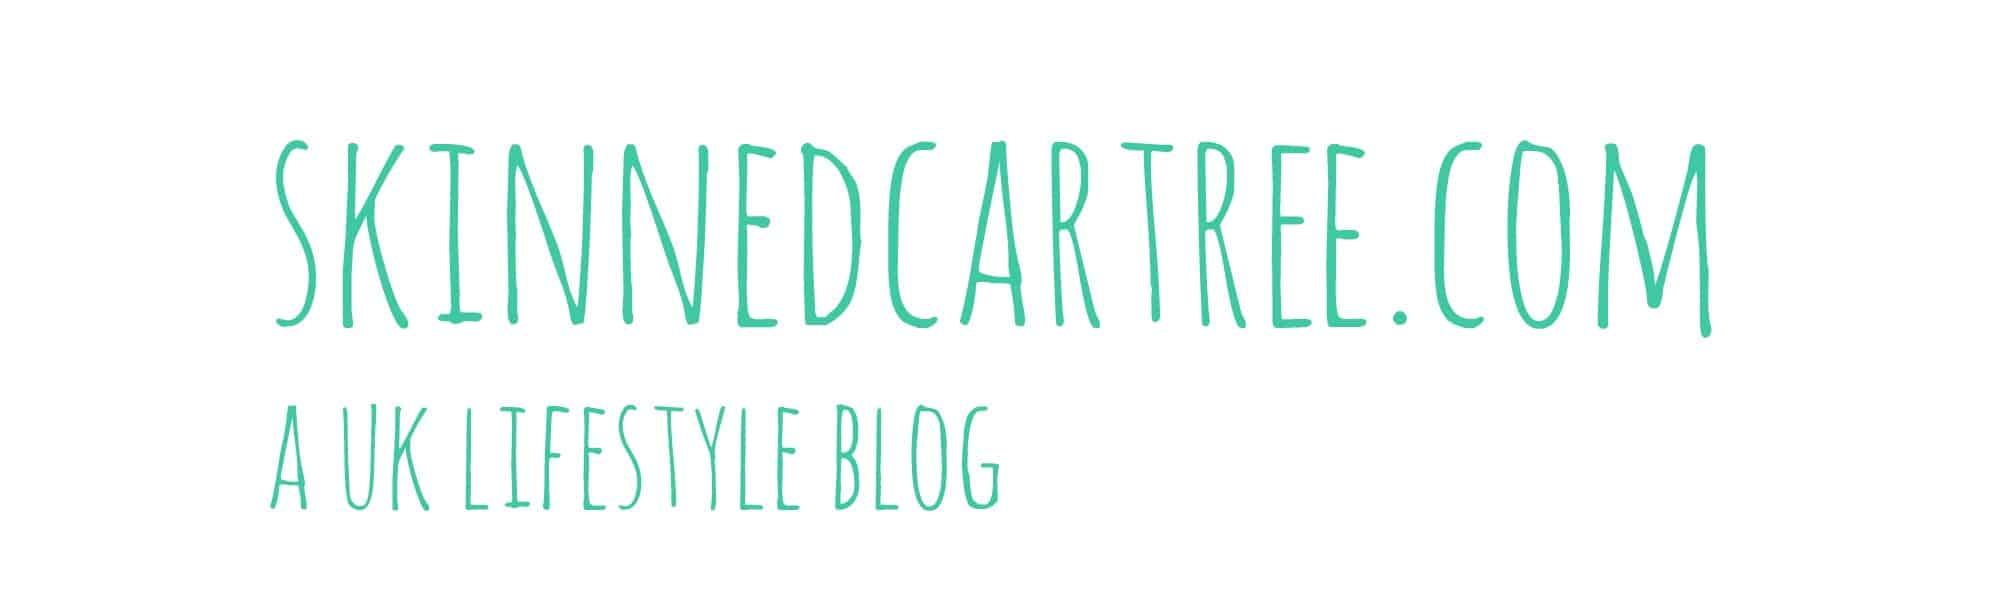 Skinnedcartree Logo